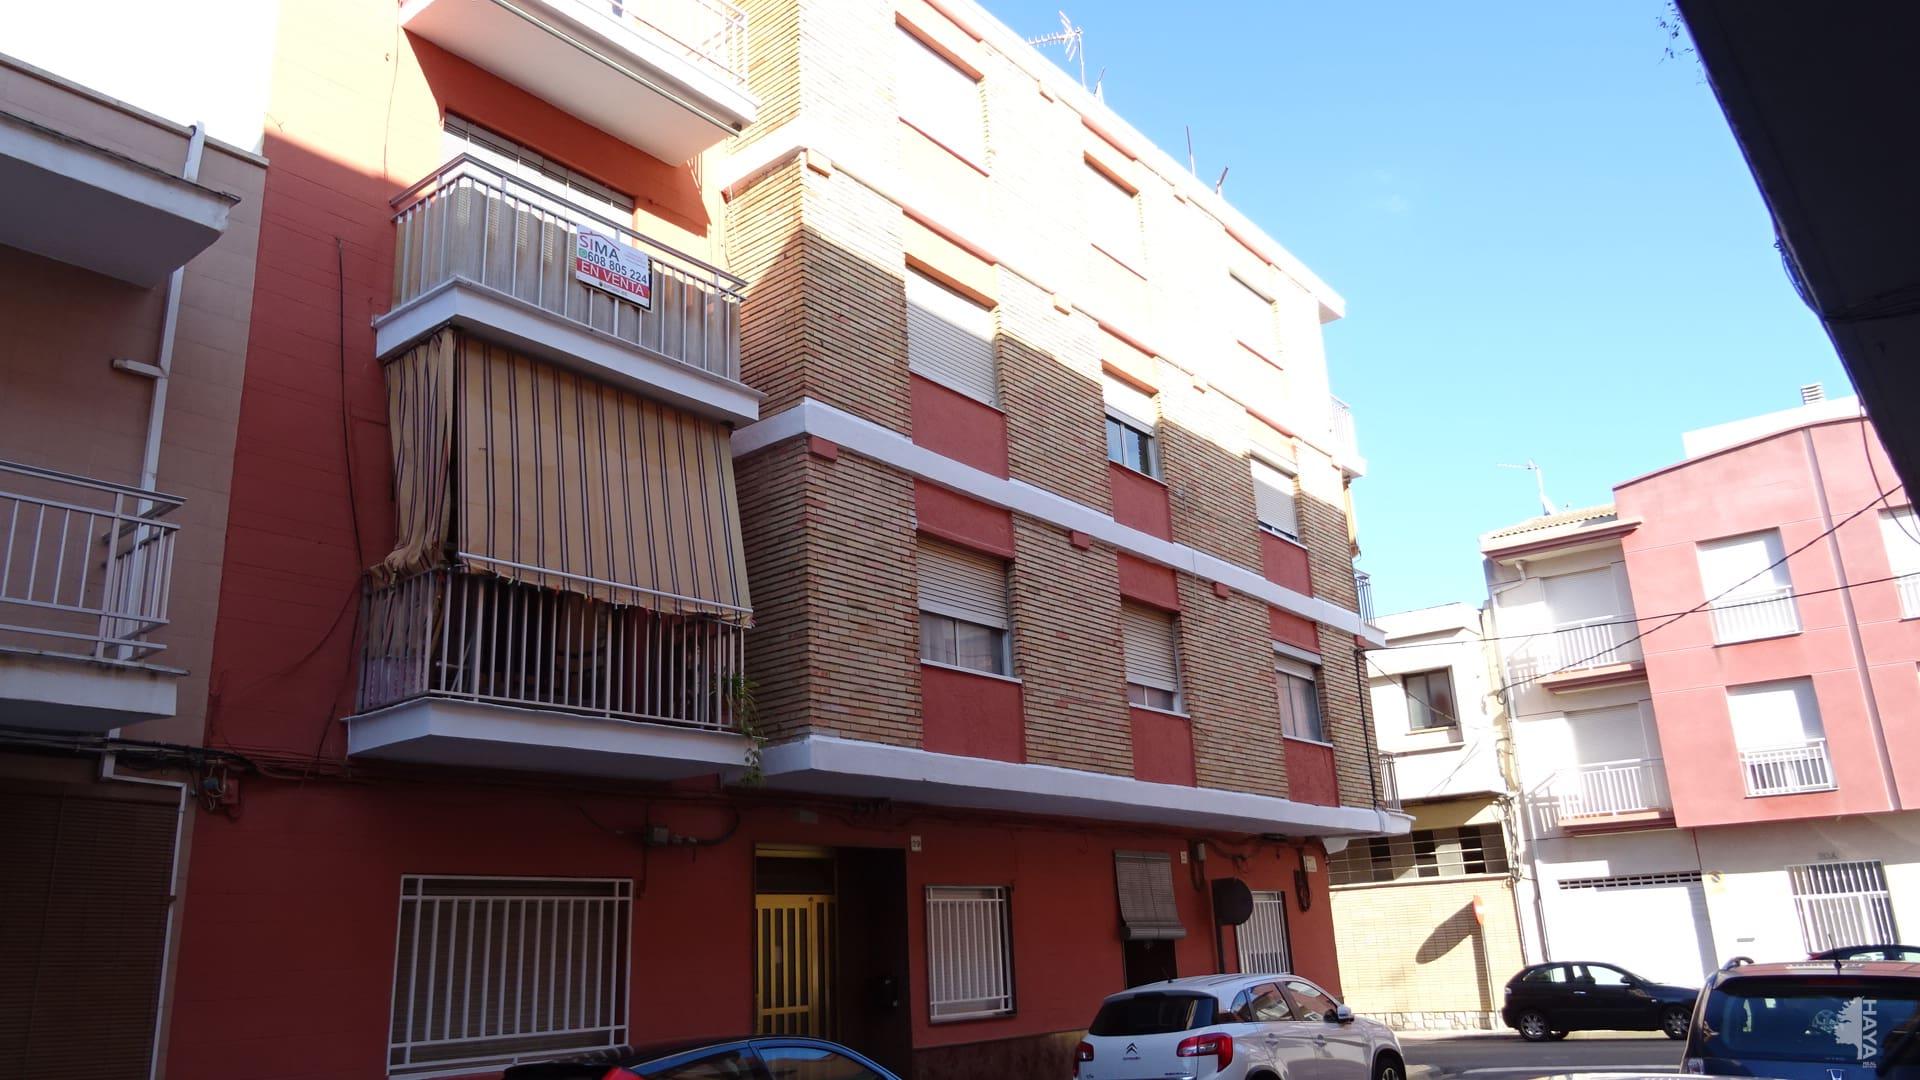 Piso en venta en Bellreguard, Valencia, Calle Rei en Jaume, 40.300 €, 3 habitaciones, 1 baño, 83 m2